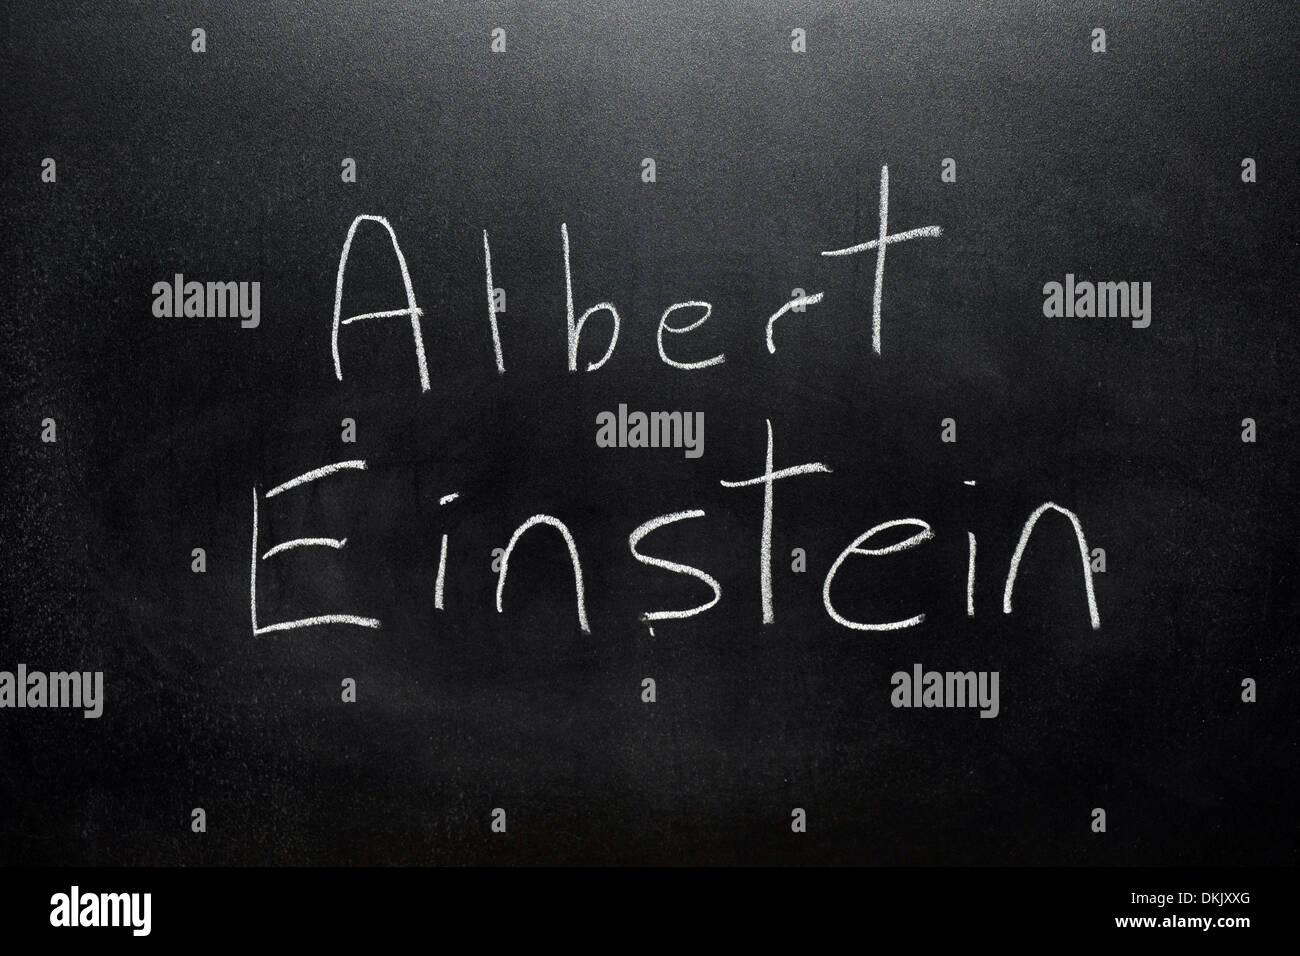 Un tableau avec le nom albert einstein écrit dessus en blanc craie